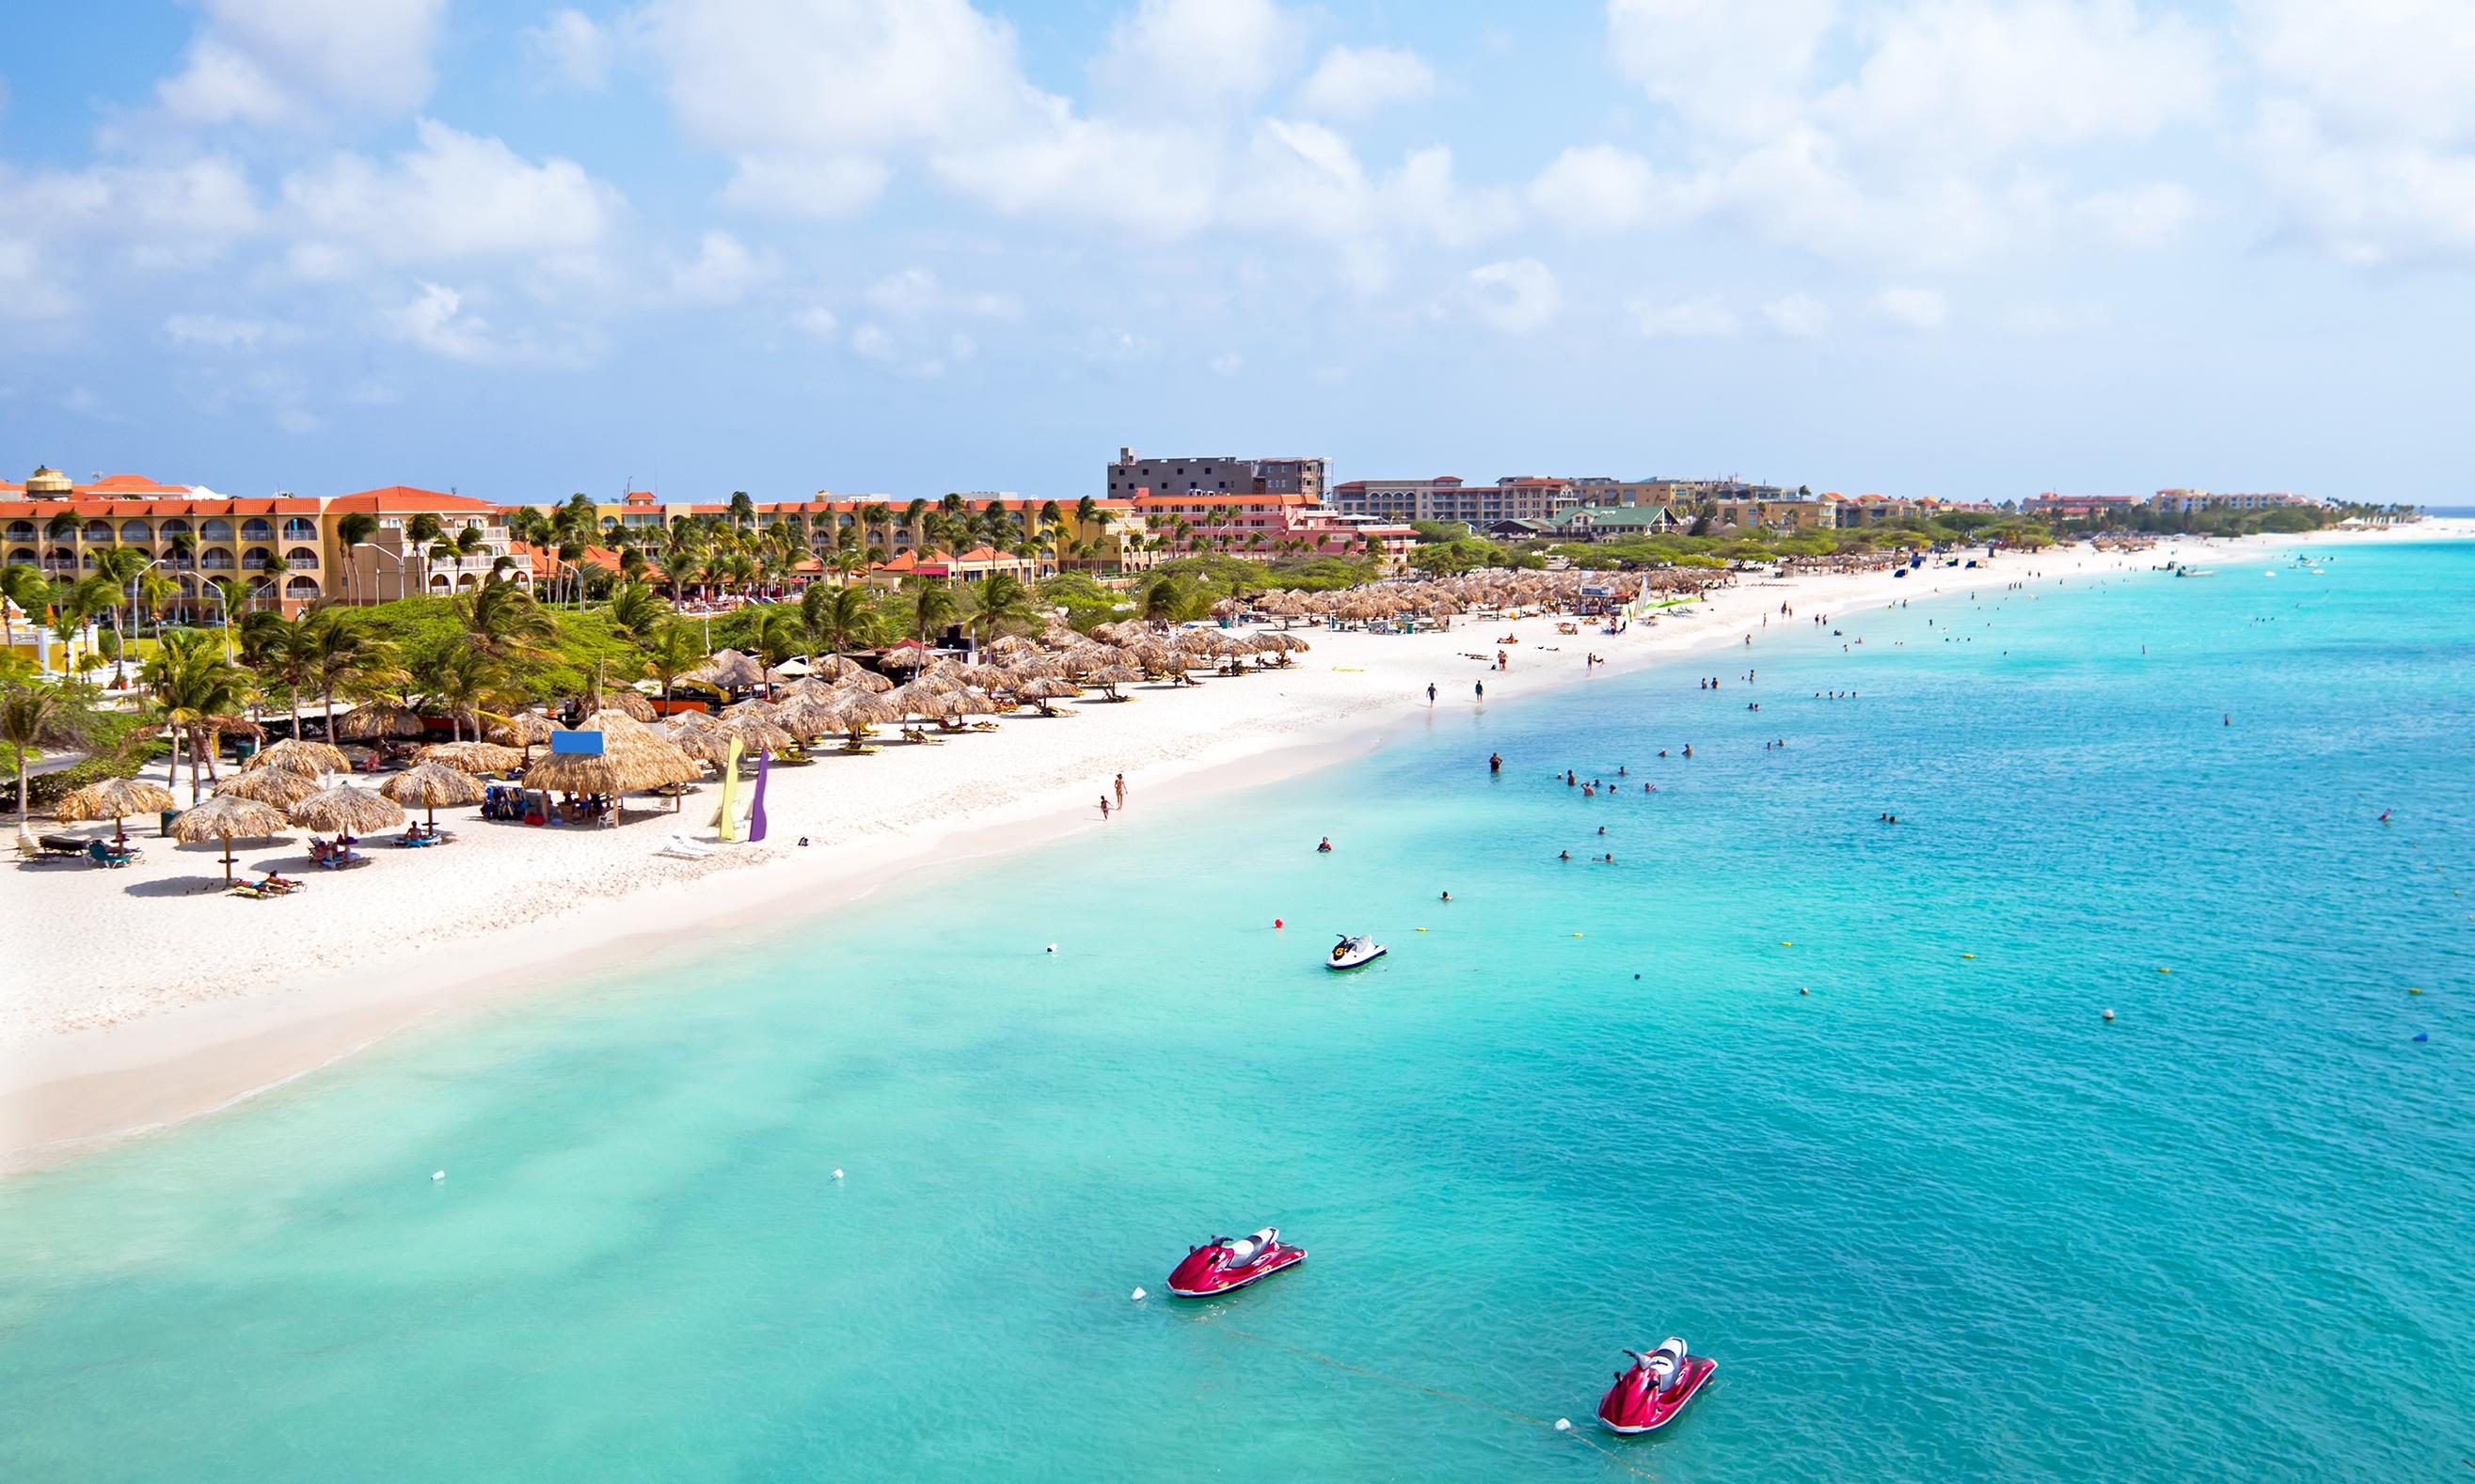 La Playa de Eagle  es una playa y un barrio de la ciudad de Oranjestad, en la isla caribeña de Aruba. El barrio es famoso por sus numerosos complejos de baja altura y su amplia playa pública